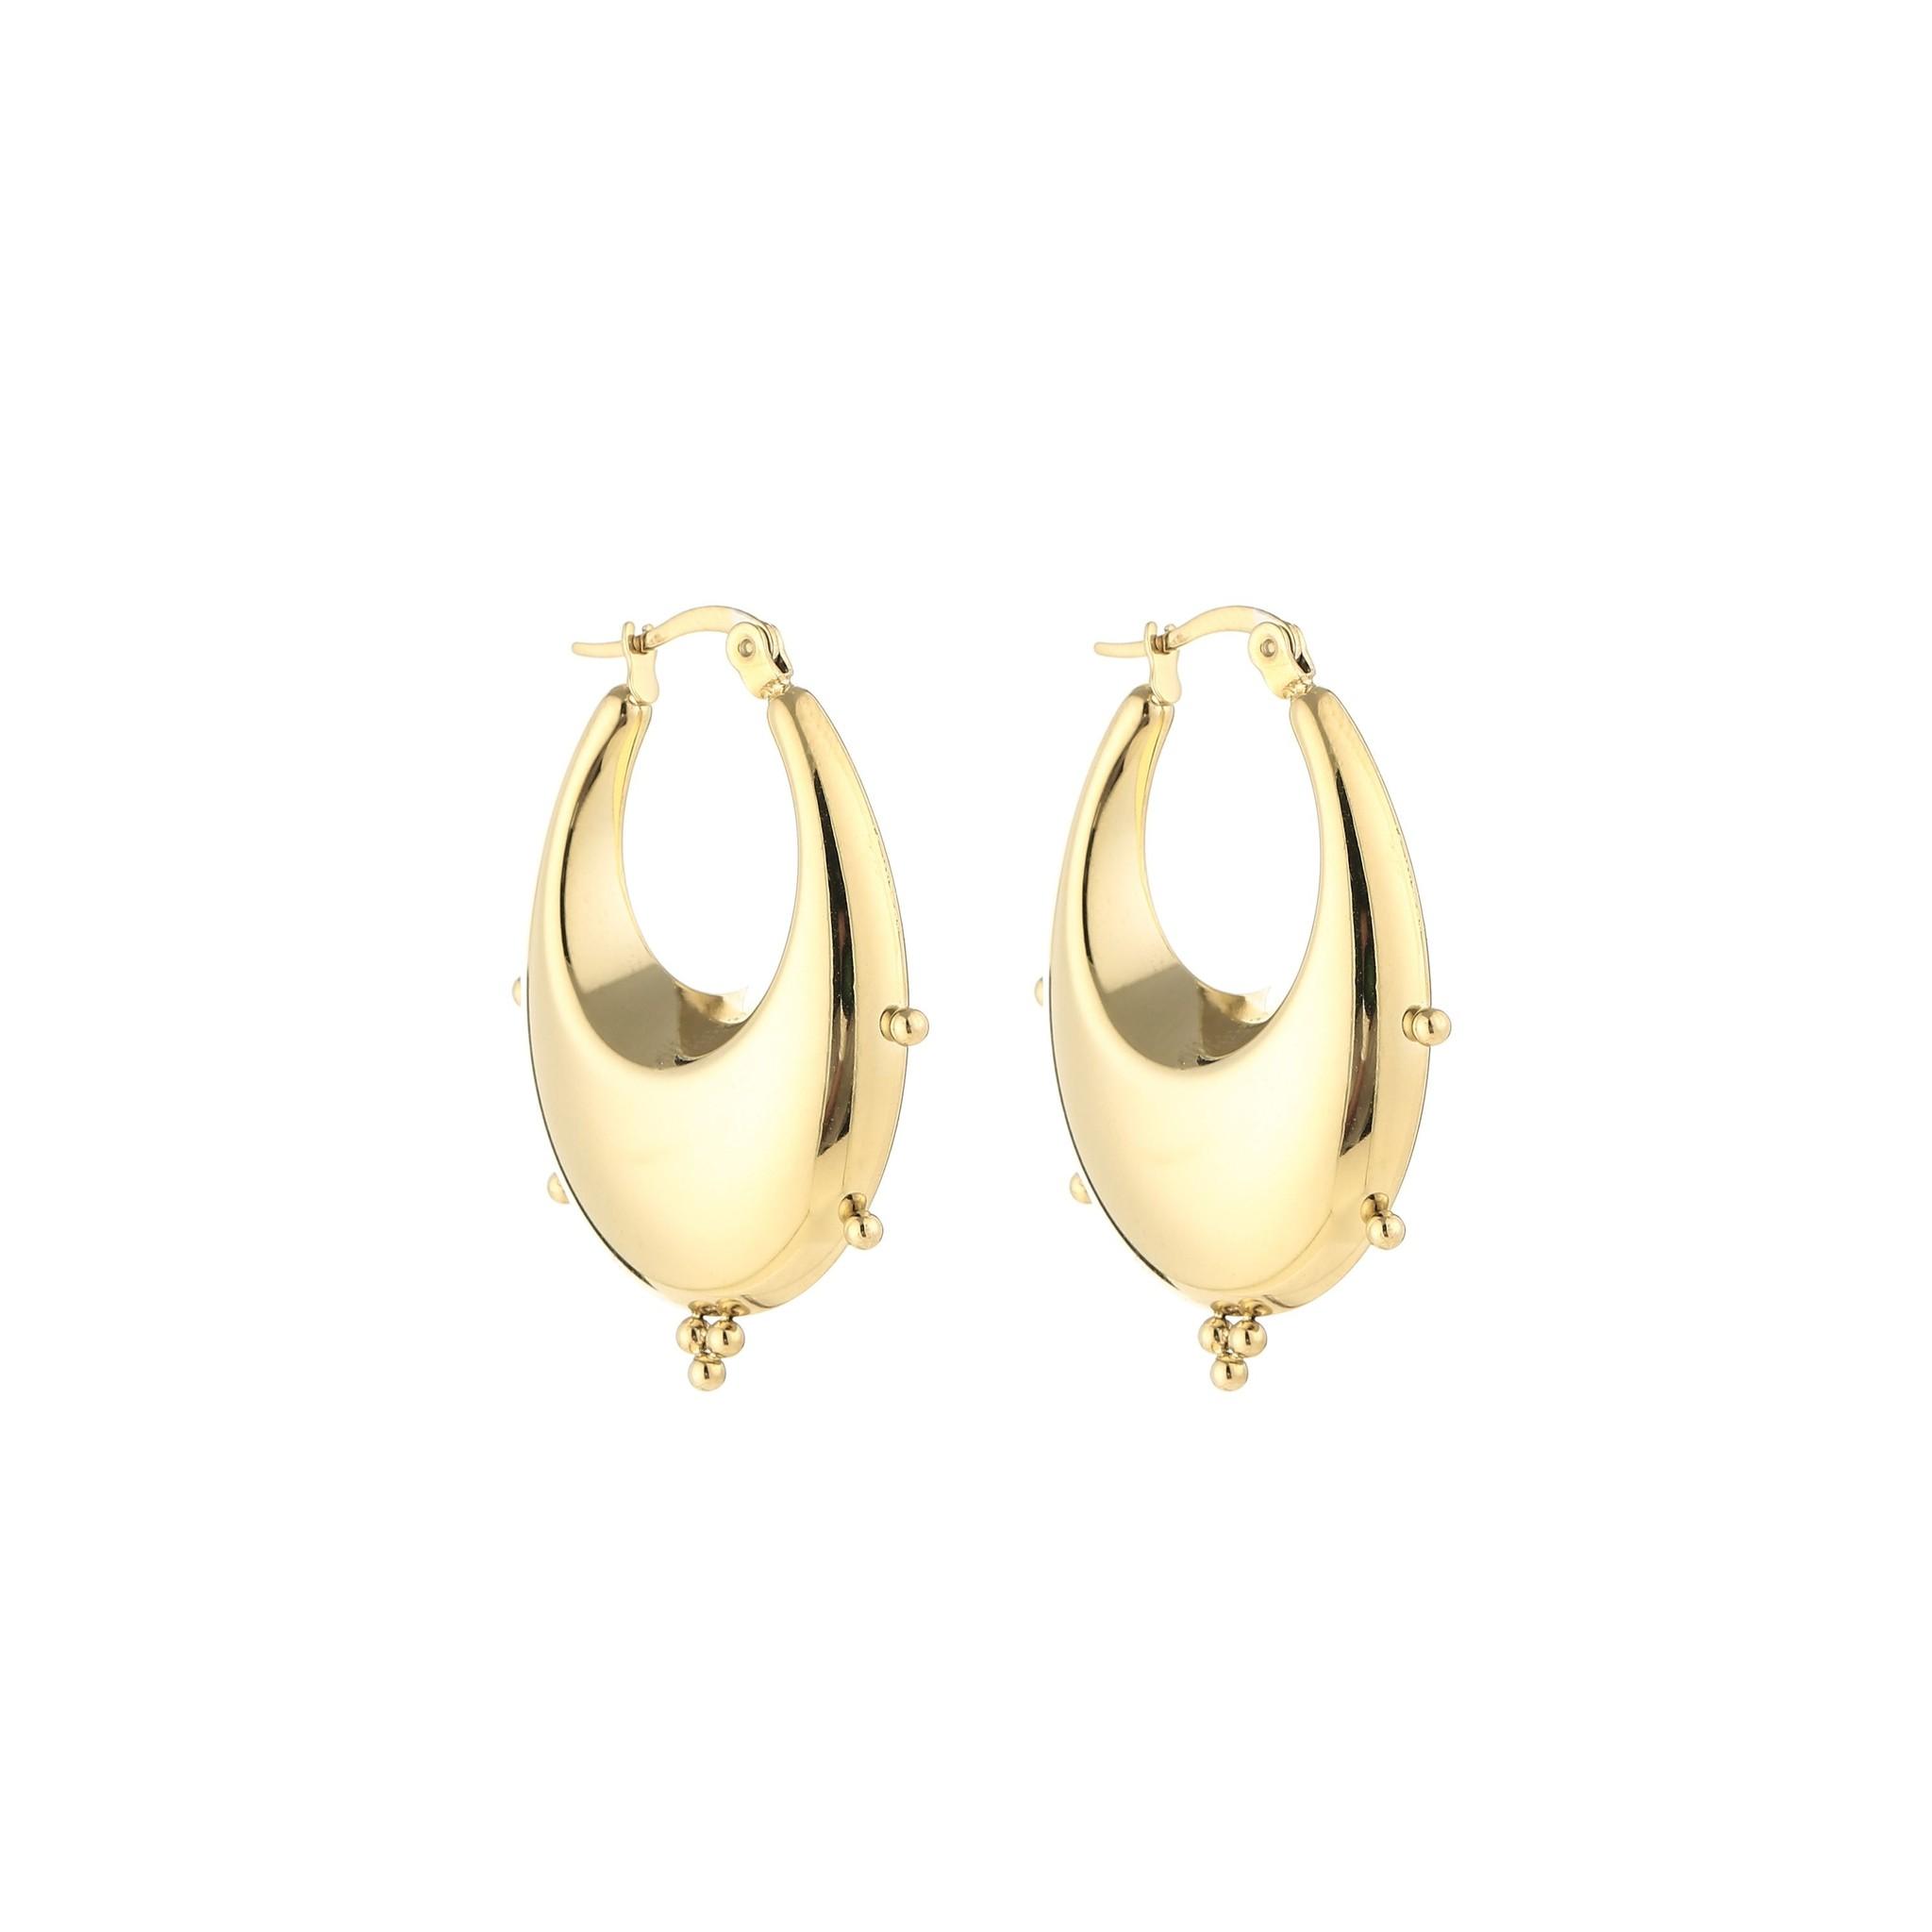 Gold Colored Bali Hoop Earrings